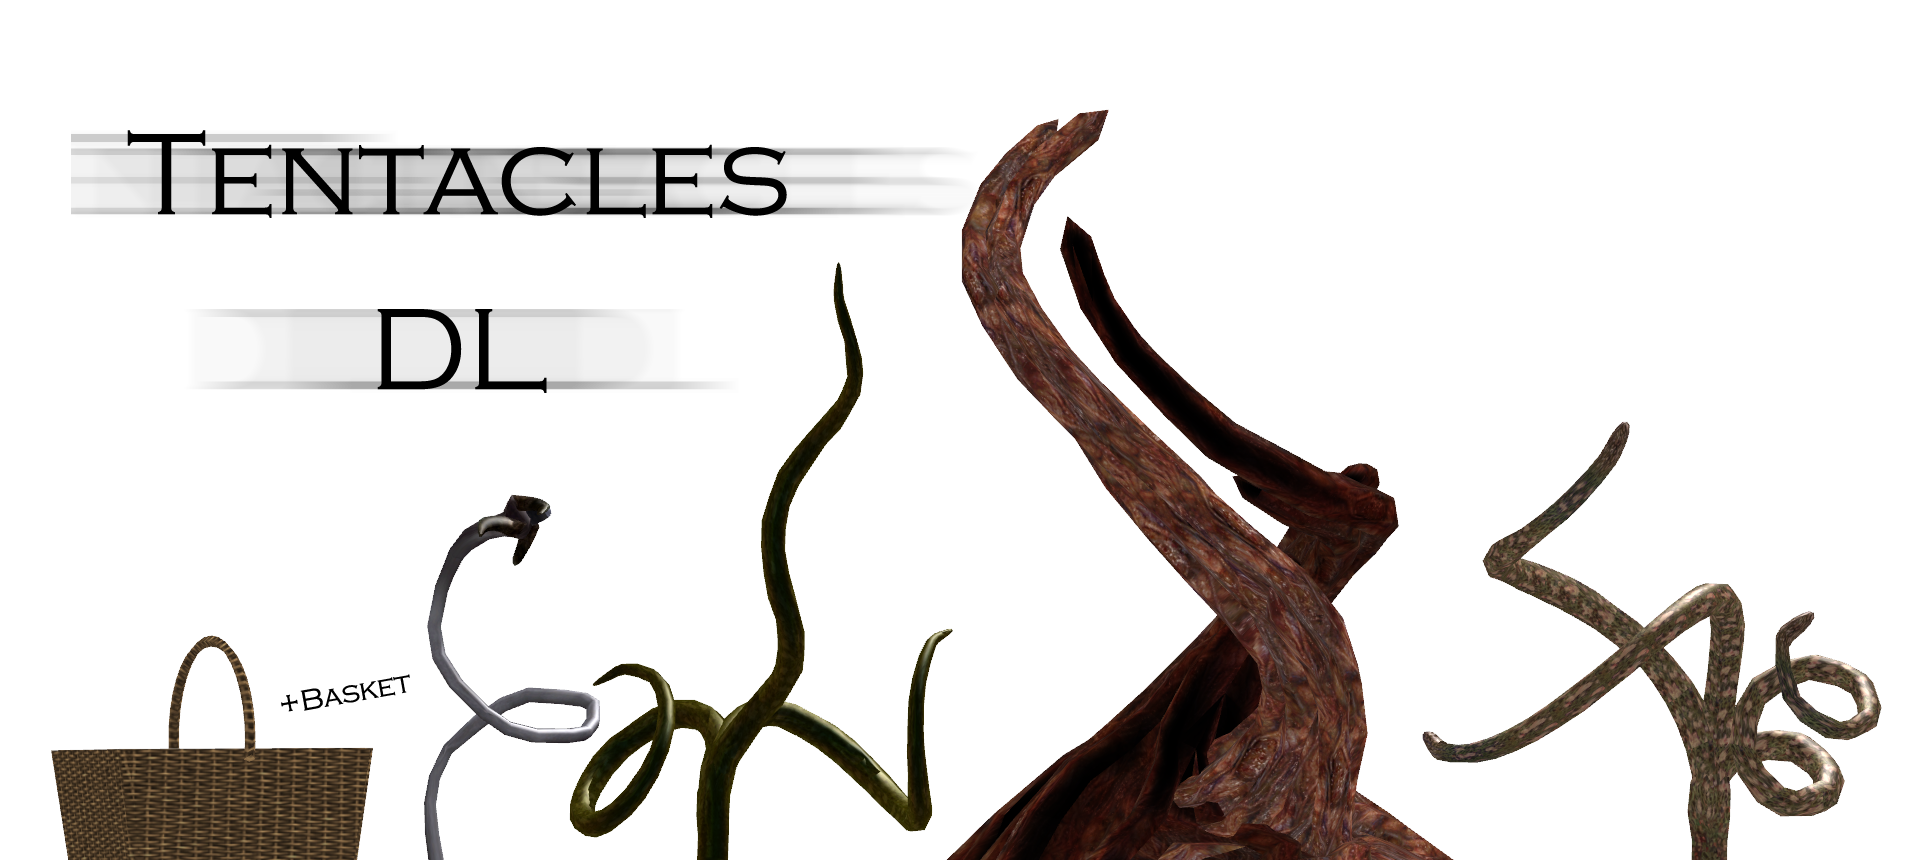 MMD Tentacles DL by innaaleksui on DeviantArt: innaaleksui.deviantart.com/art/mmd-tentacles-dl-544647204